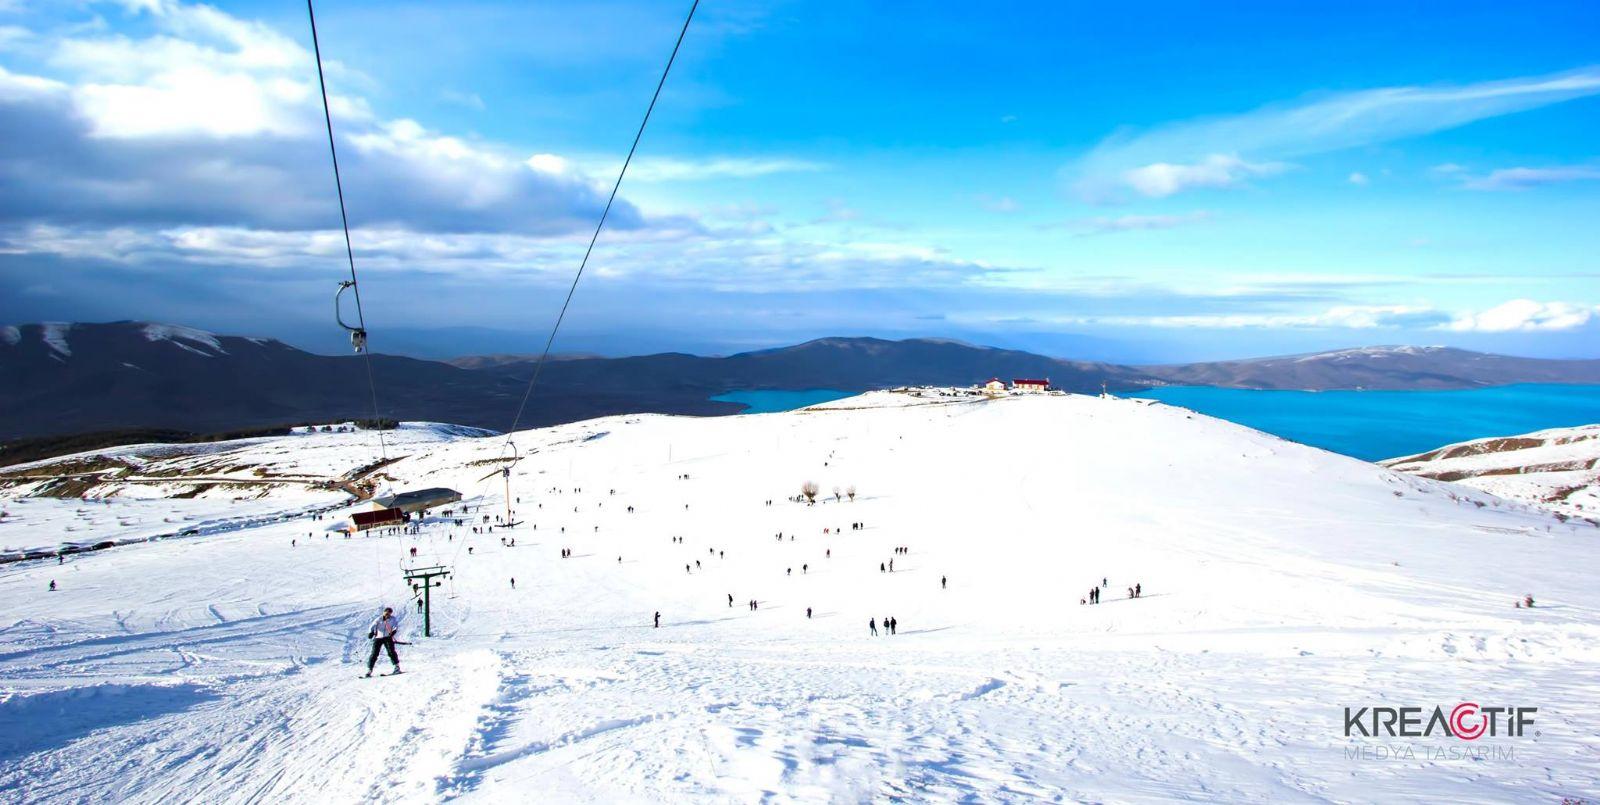 hazarbaba kayak merkezi fotograf cekimi kreactif 8